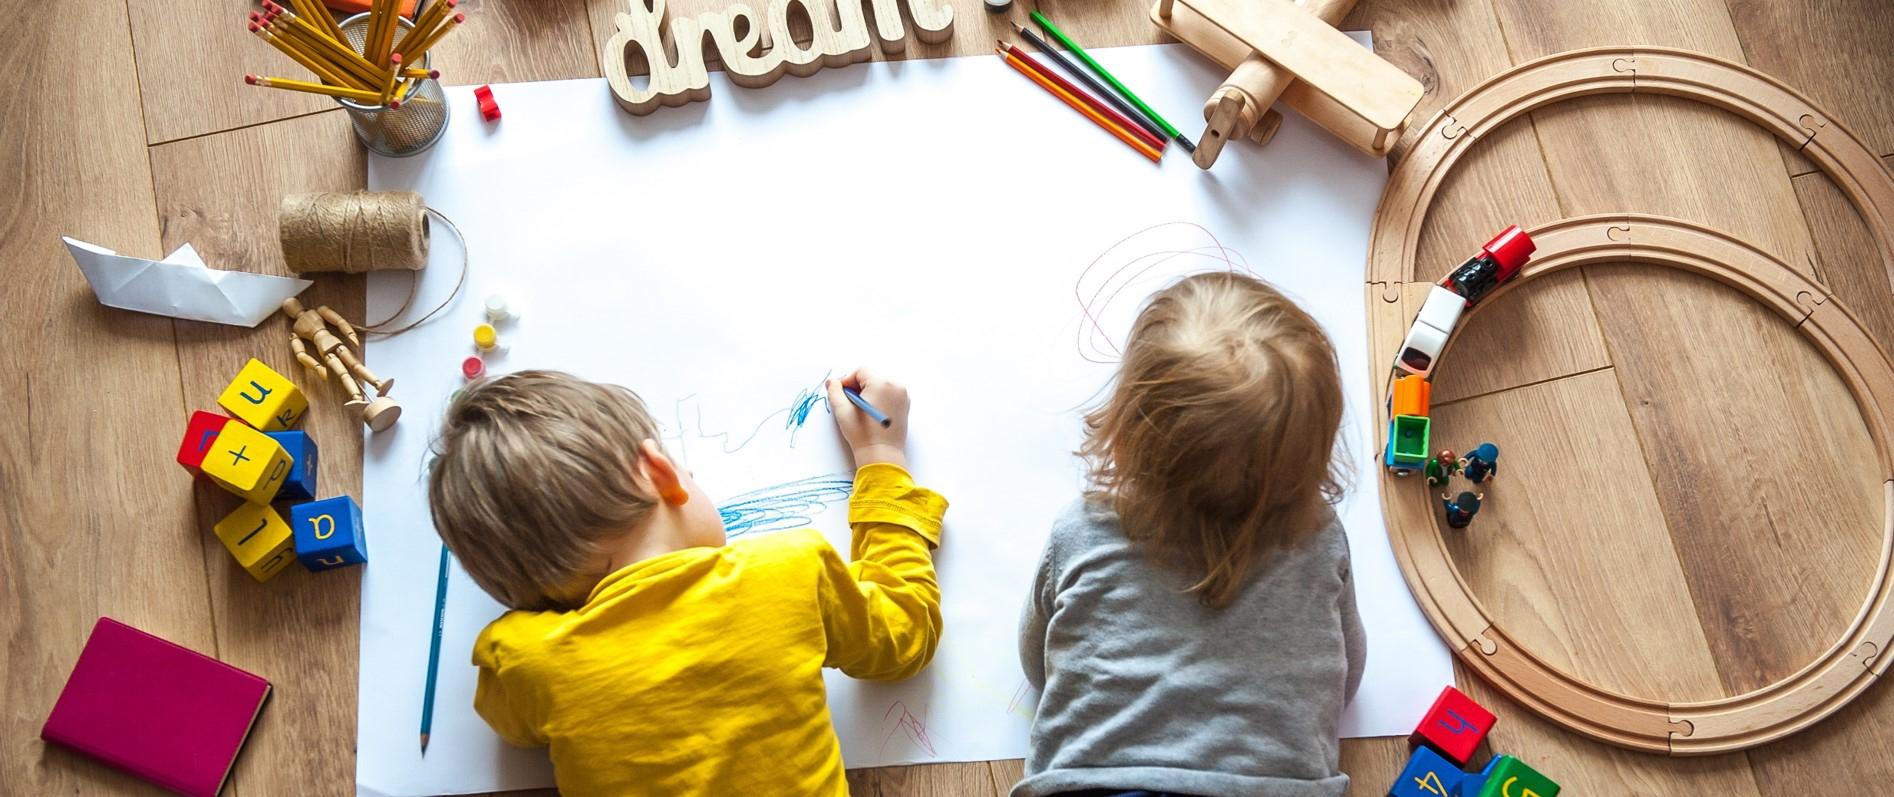 Apprendre En S'amusant : Des Jeux Éducatifs Pour Vos Enfants avec Jeux Enfant Educatif